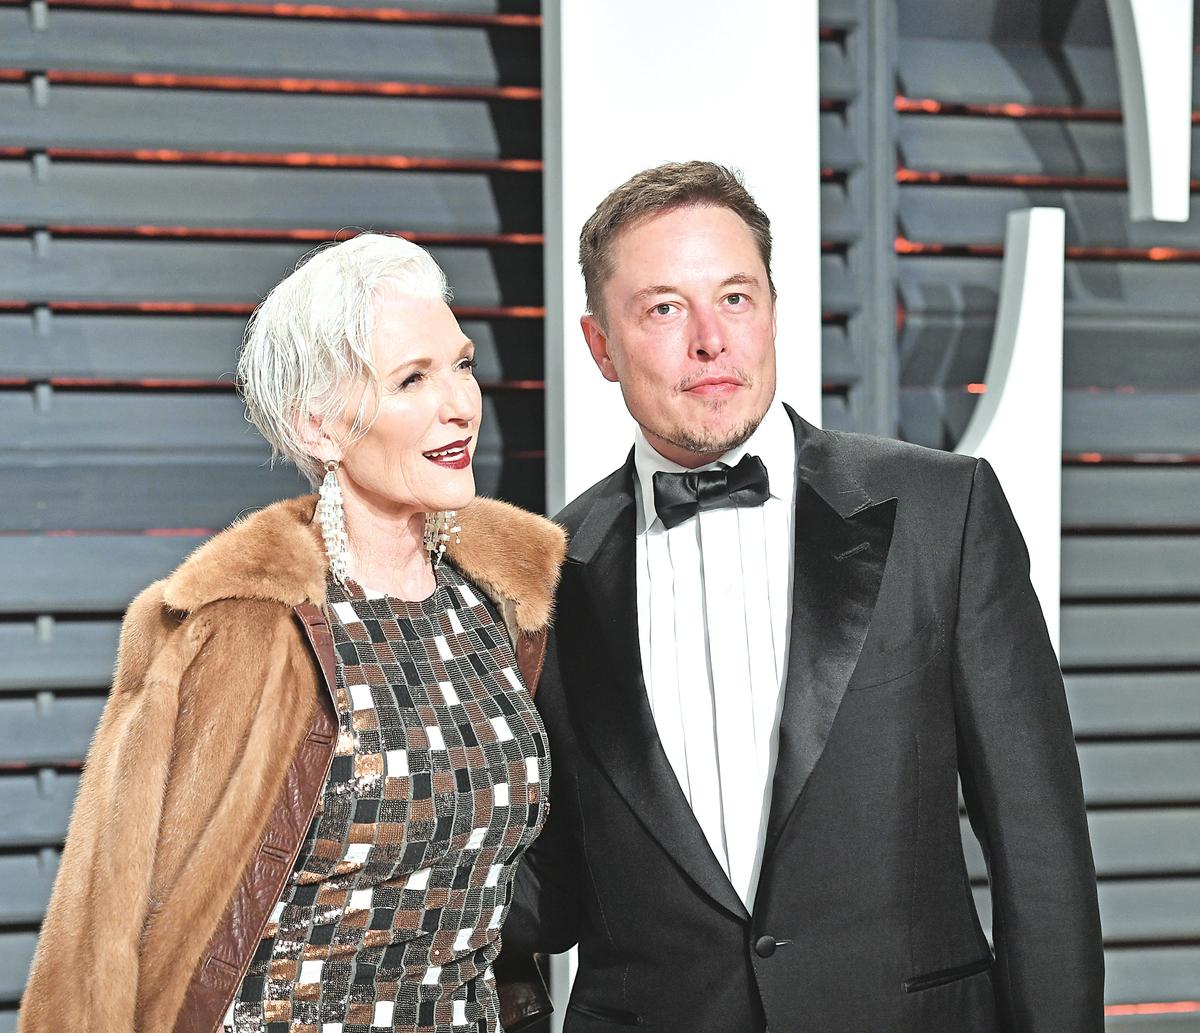 梅馬斯克和兒子埃隆馬斯克。 (Pascal Le Segretain/Getty Images)